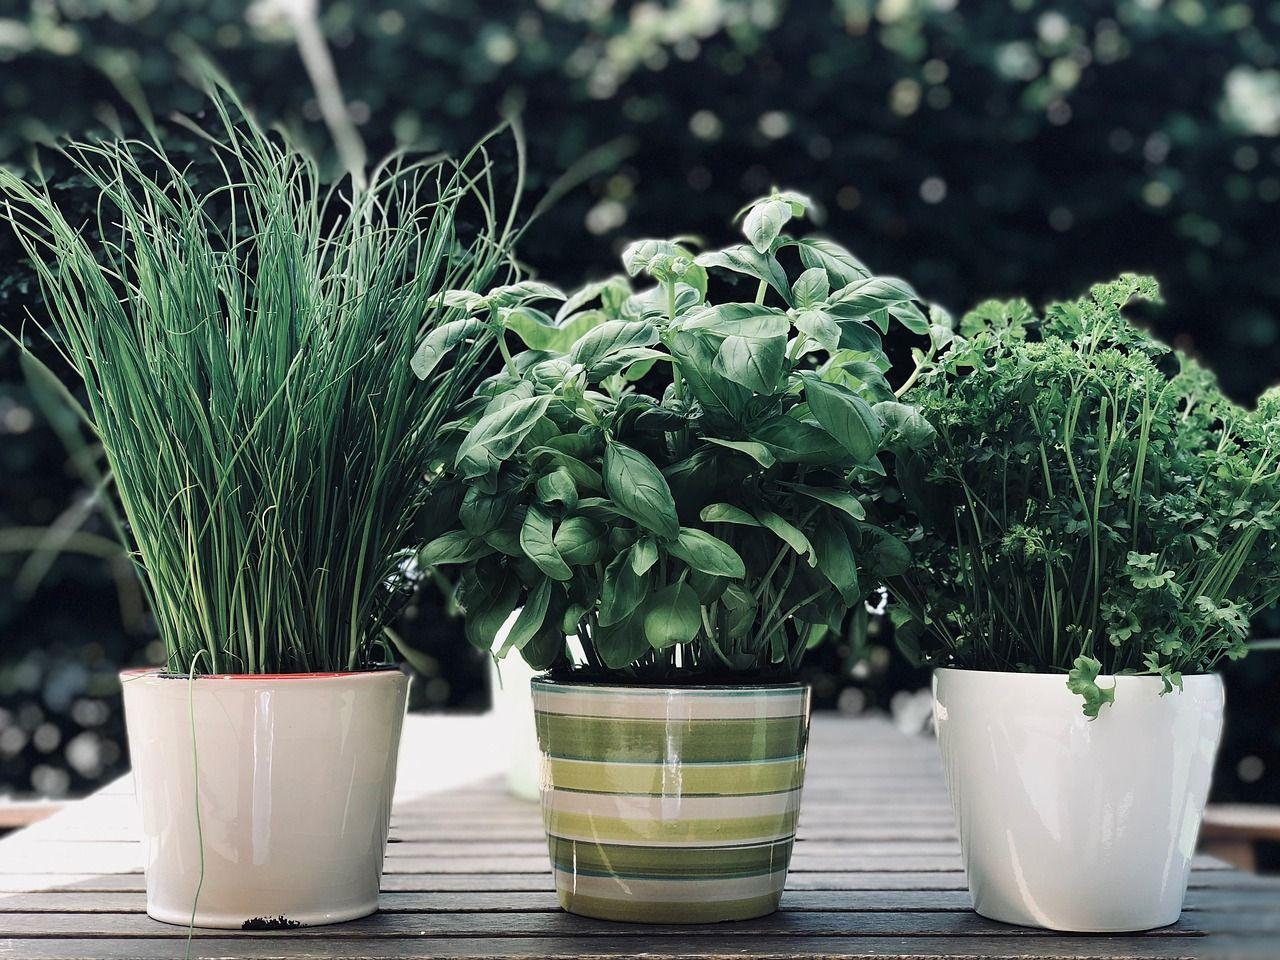 Planter Herbes Aromatiques Jardiniere quelles plantes aromatiques choisir ?